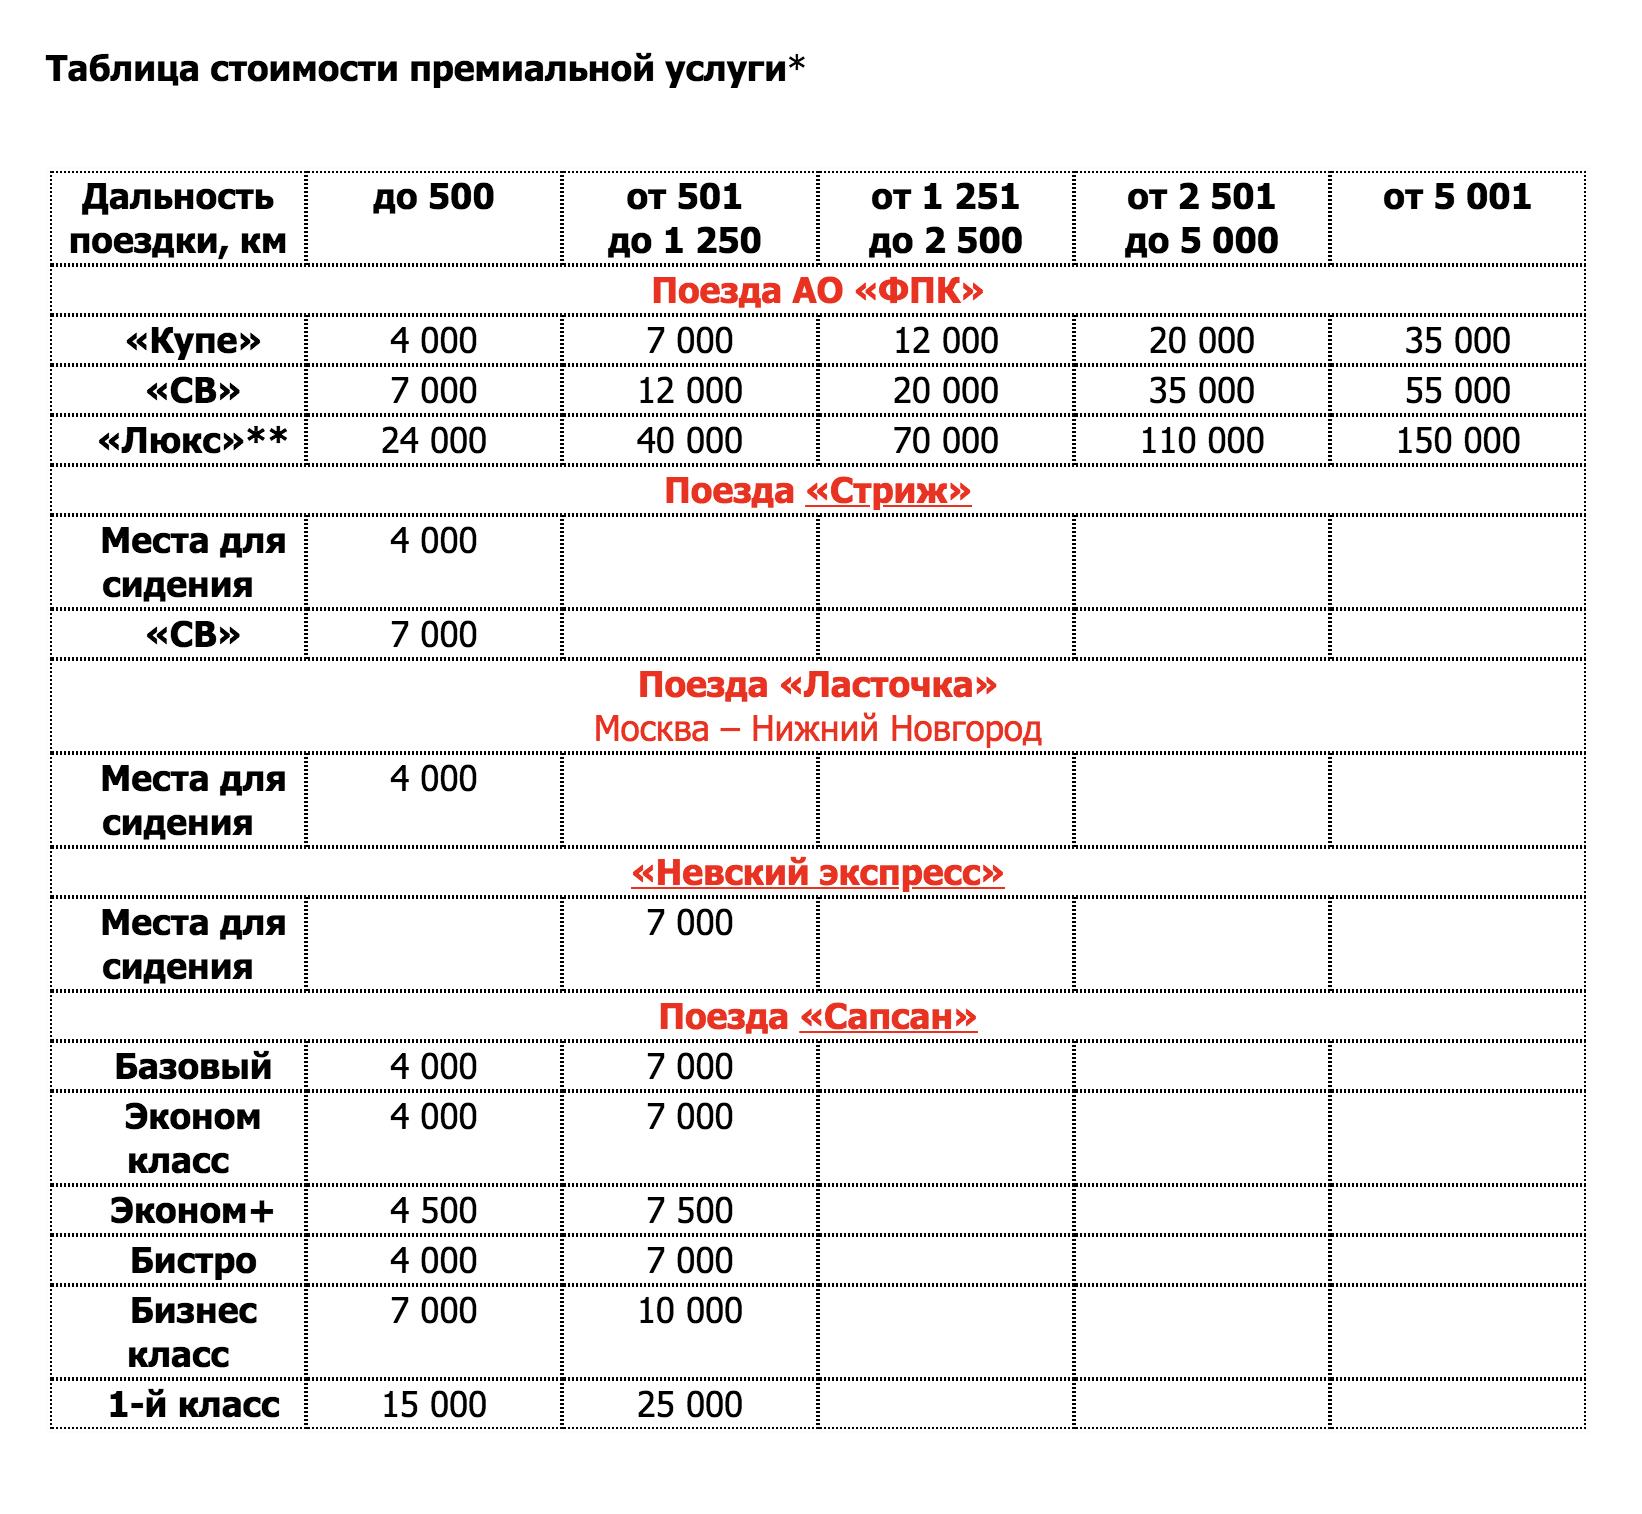 Сколько нужно баллов, чтобы купить премиальный билет. Таблица с сайта «РЖД-бонус»